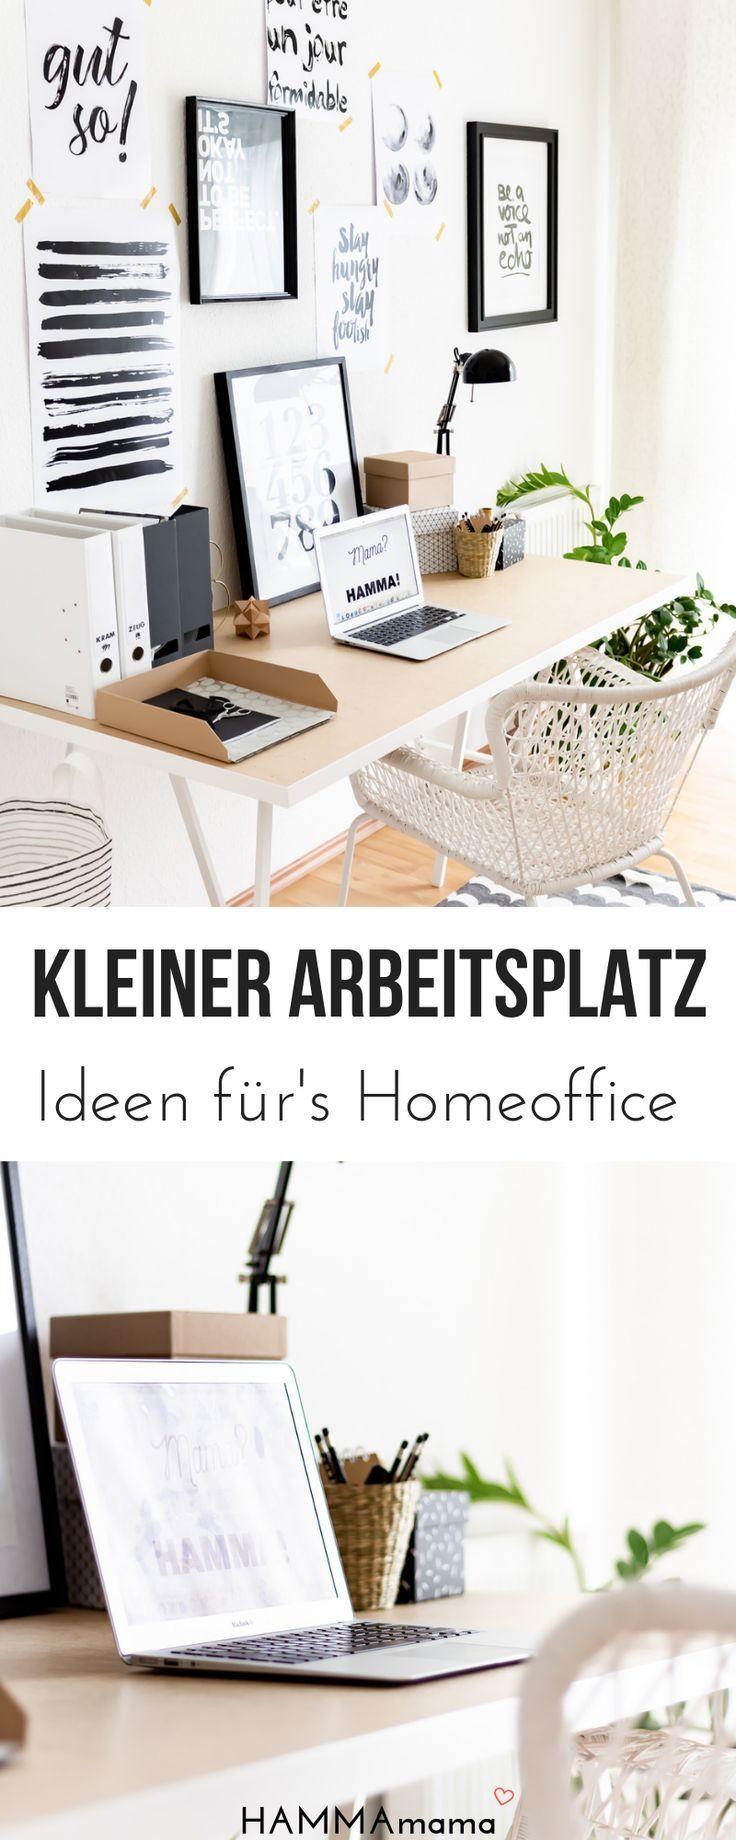 Homeoffice Ideen Fur Den Blogger Arbeitsplatz Ein Kleines Arbeitszimmer Kleines Arbeitszimmer Arbeitszimmer Einrichten Zimmereinrichtung